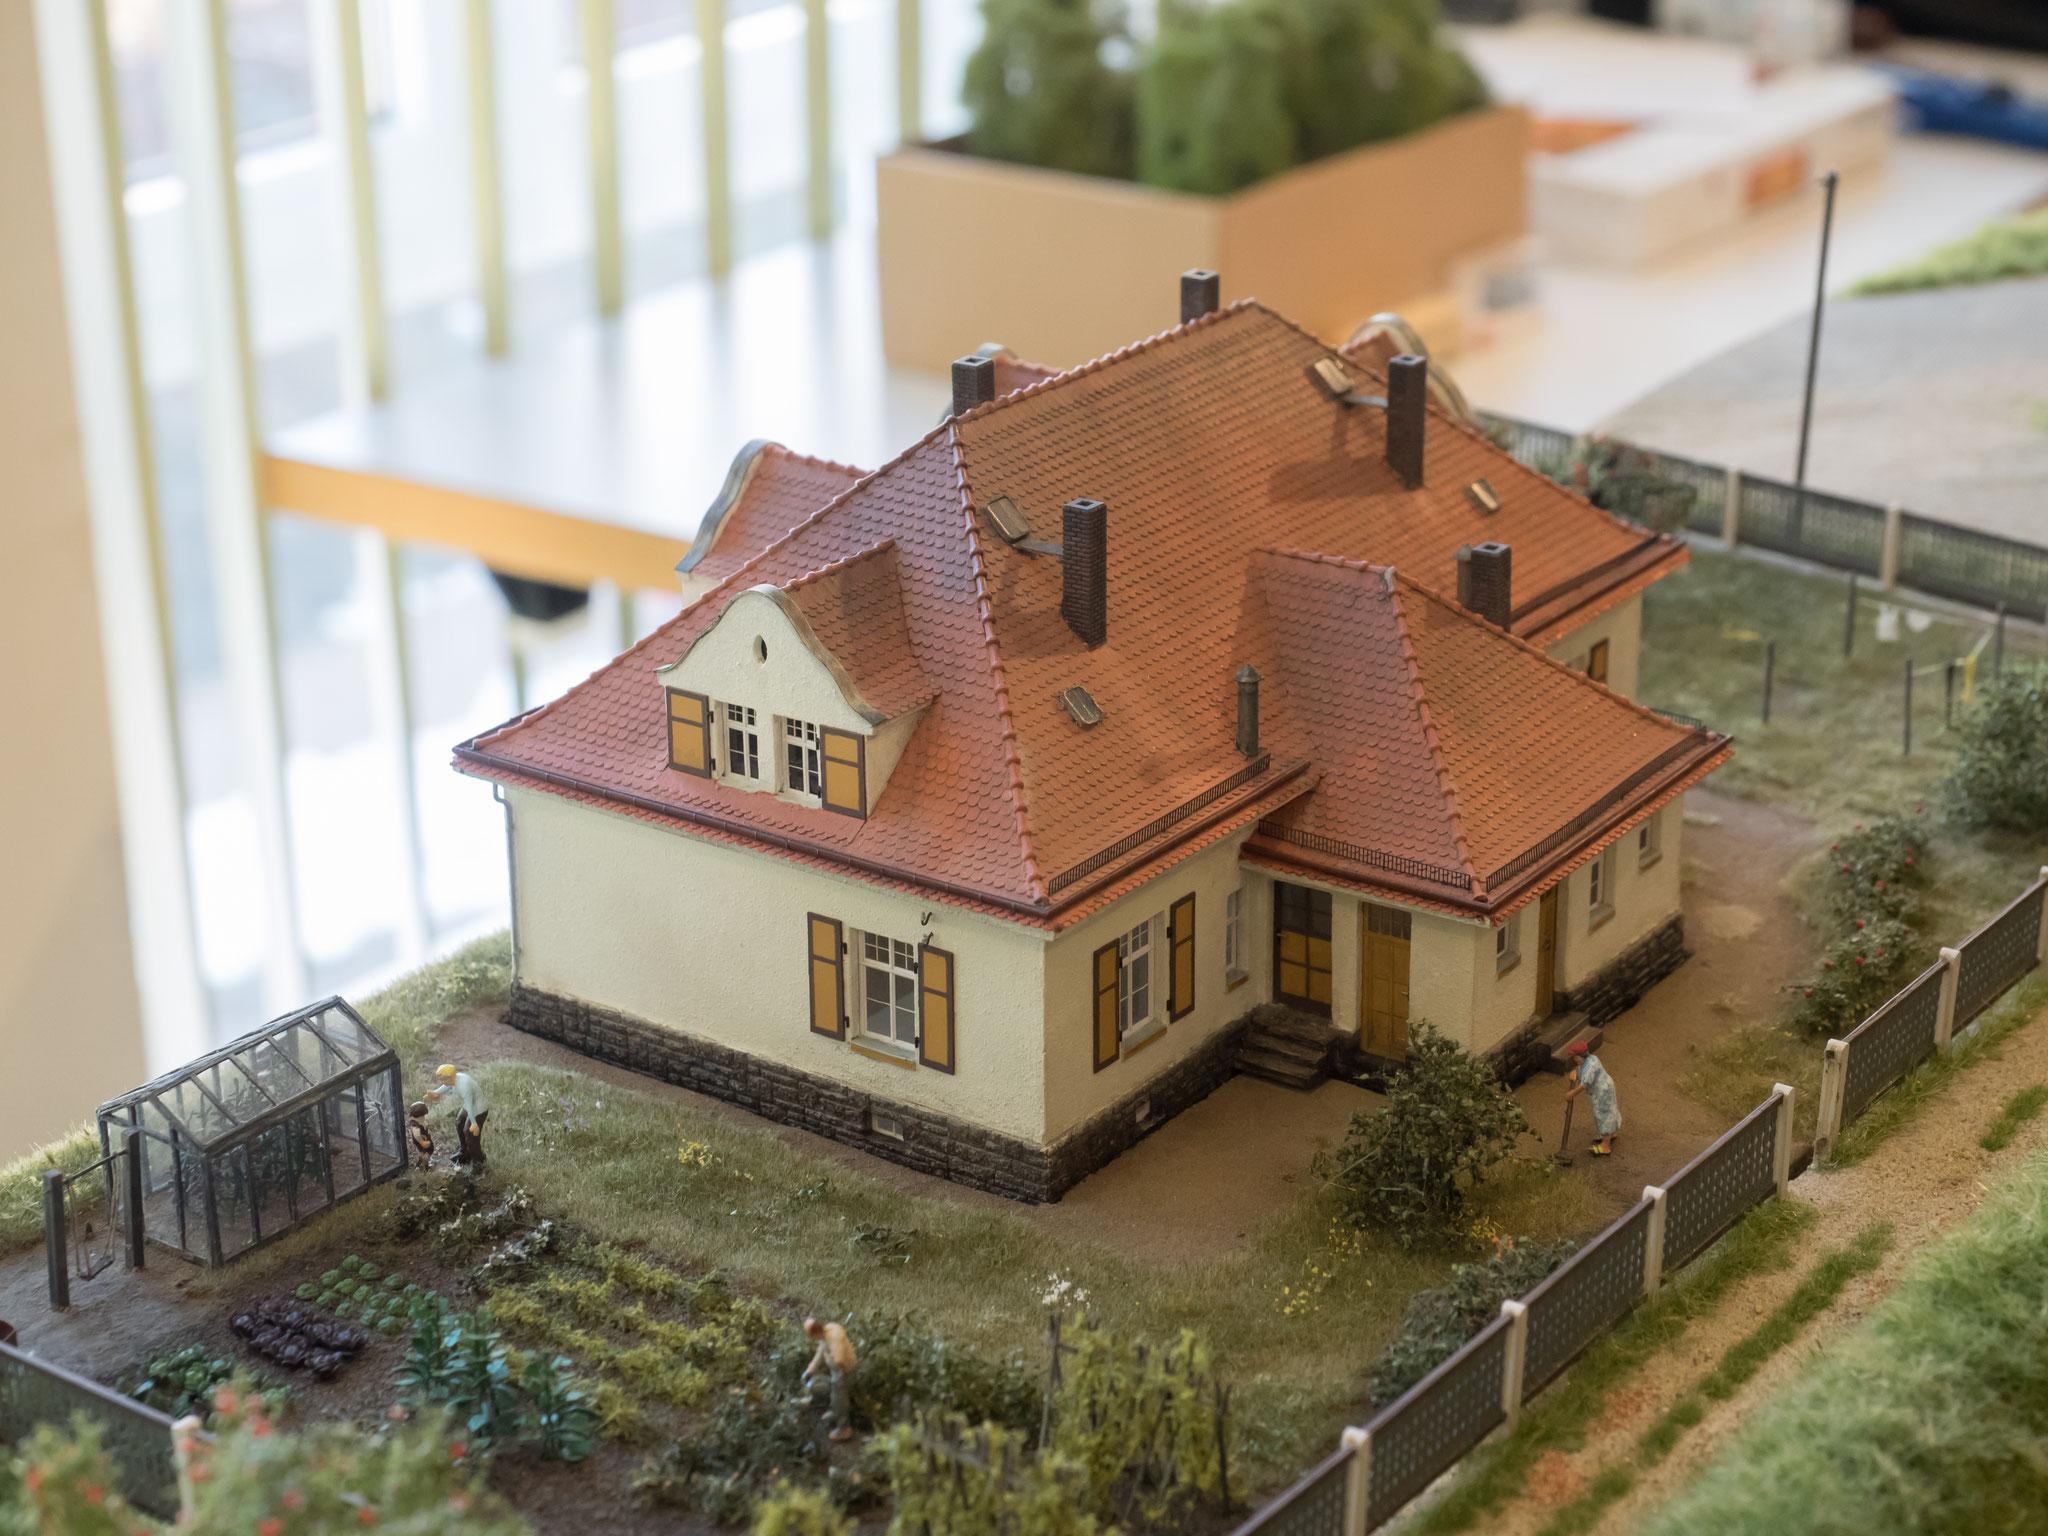 Bahnhof Grumbach H0e